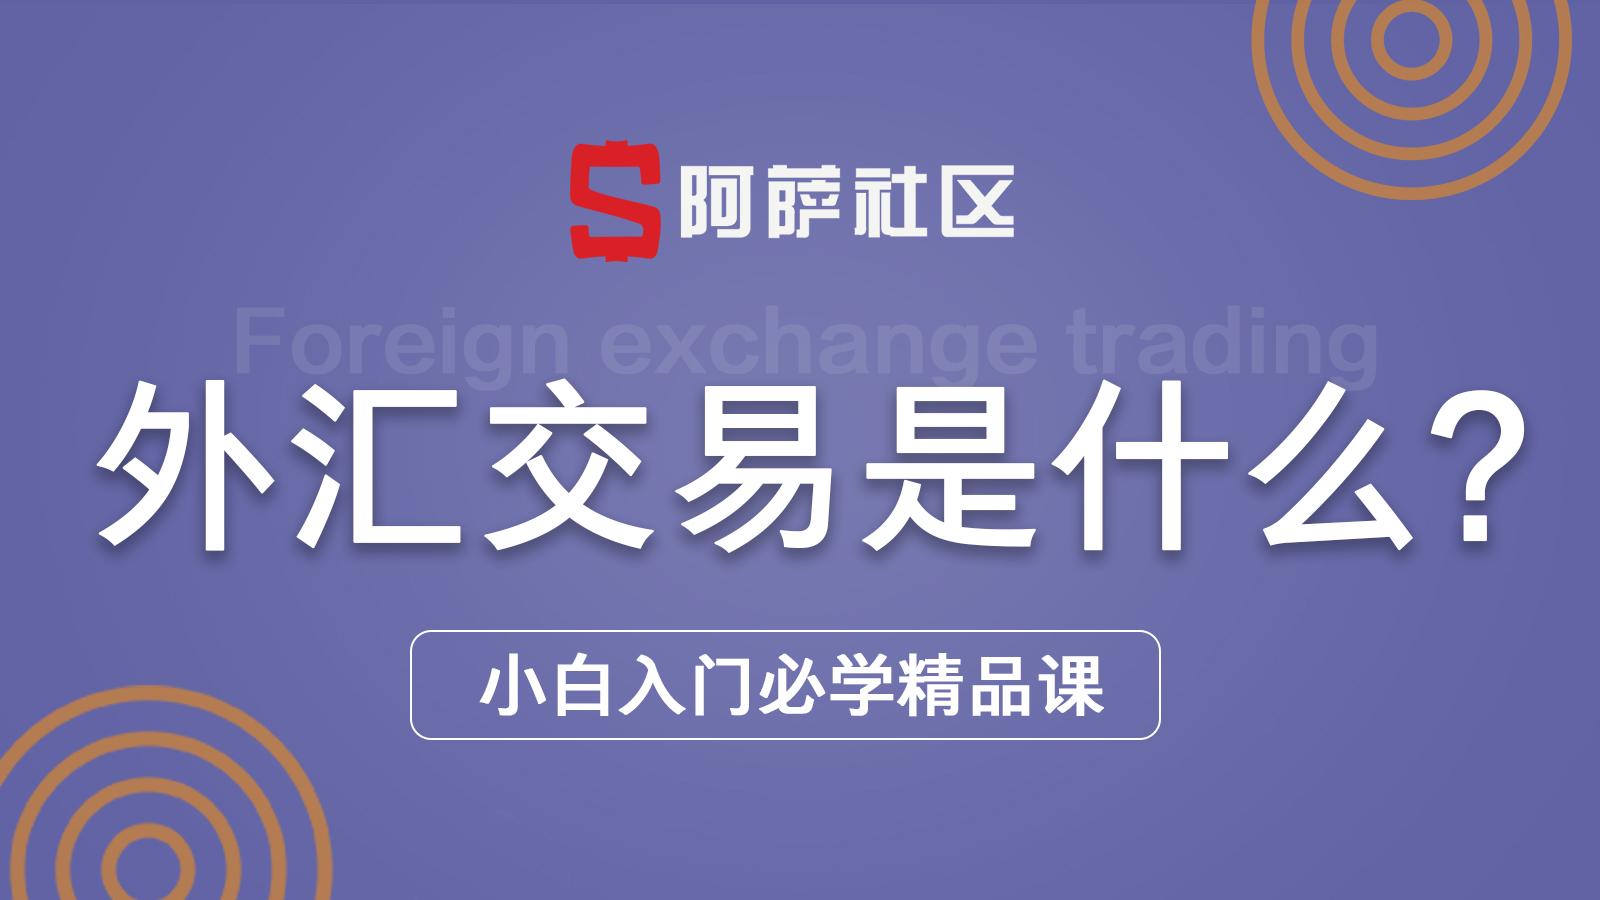 外汇交易是什么?